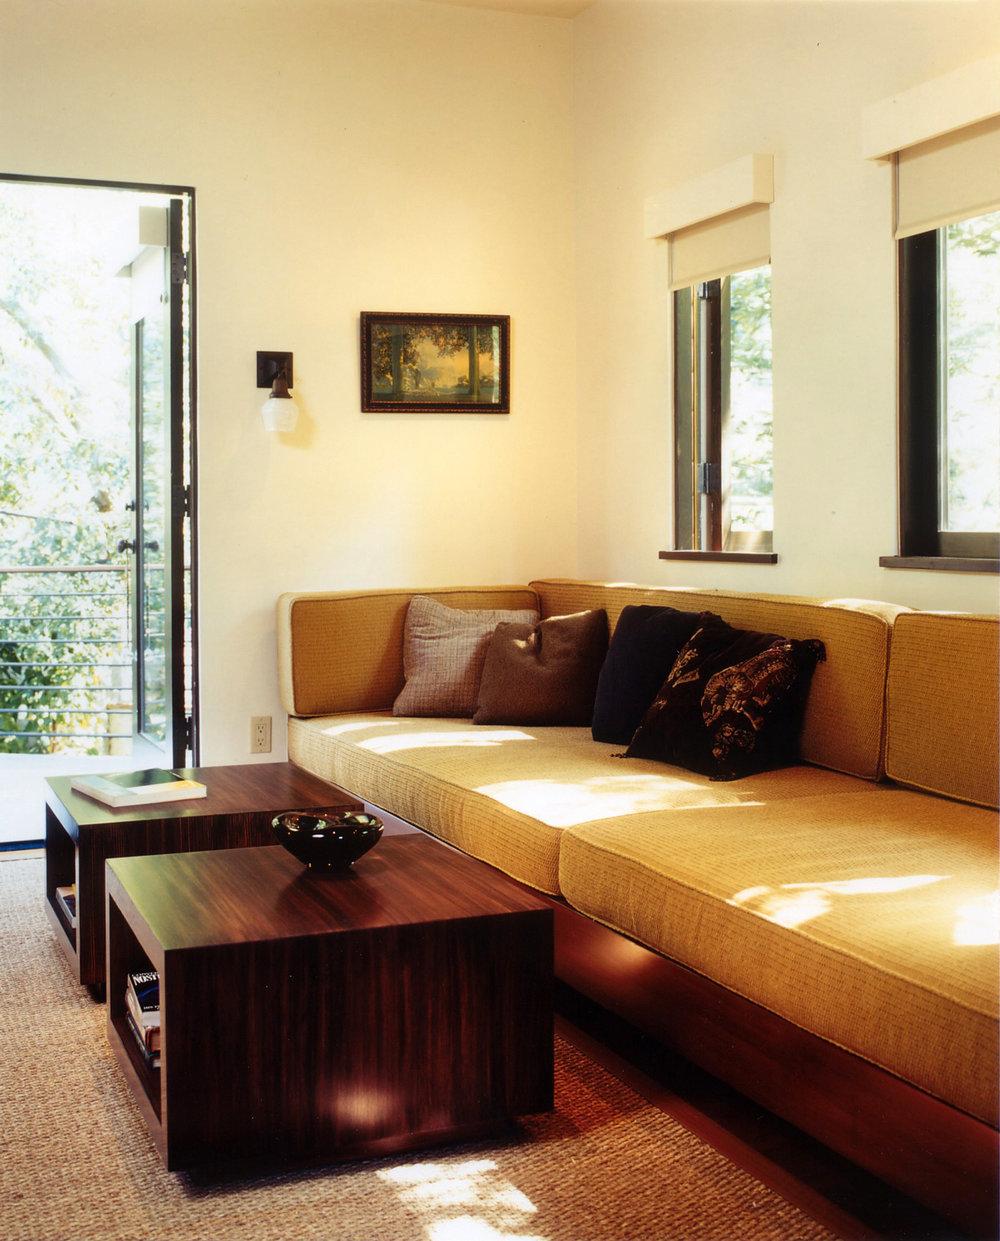 Day-Residence-12.jpg